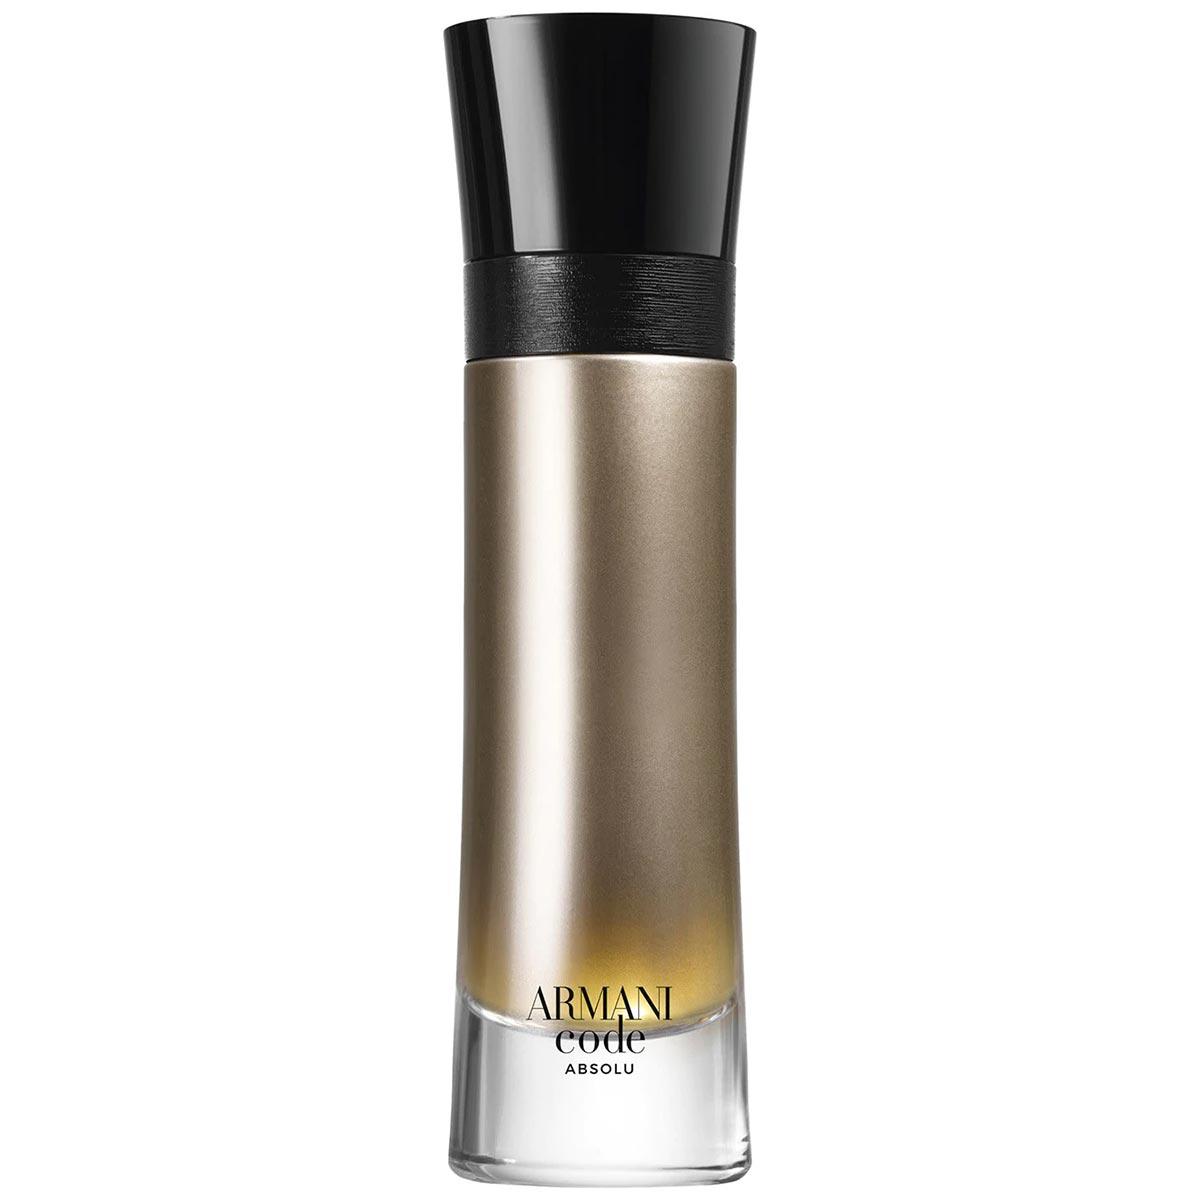 Armani - Code Absolu - Eau de Parfum